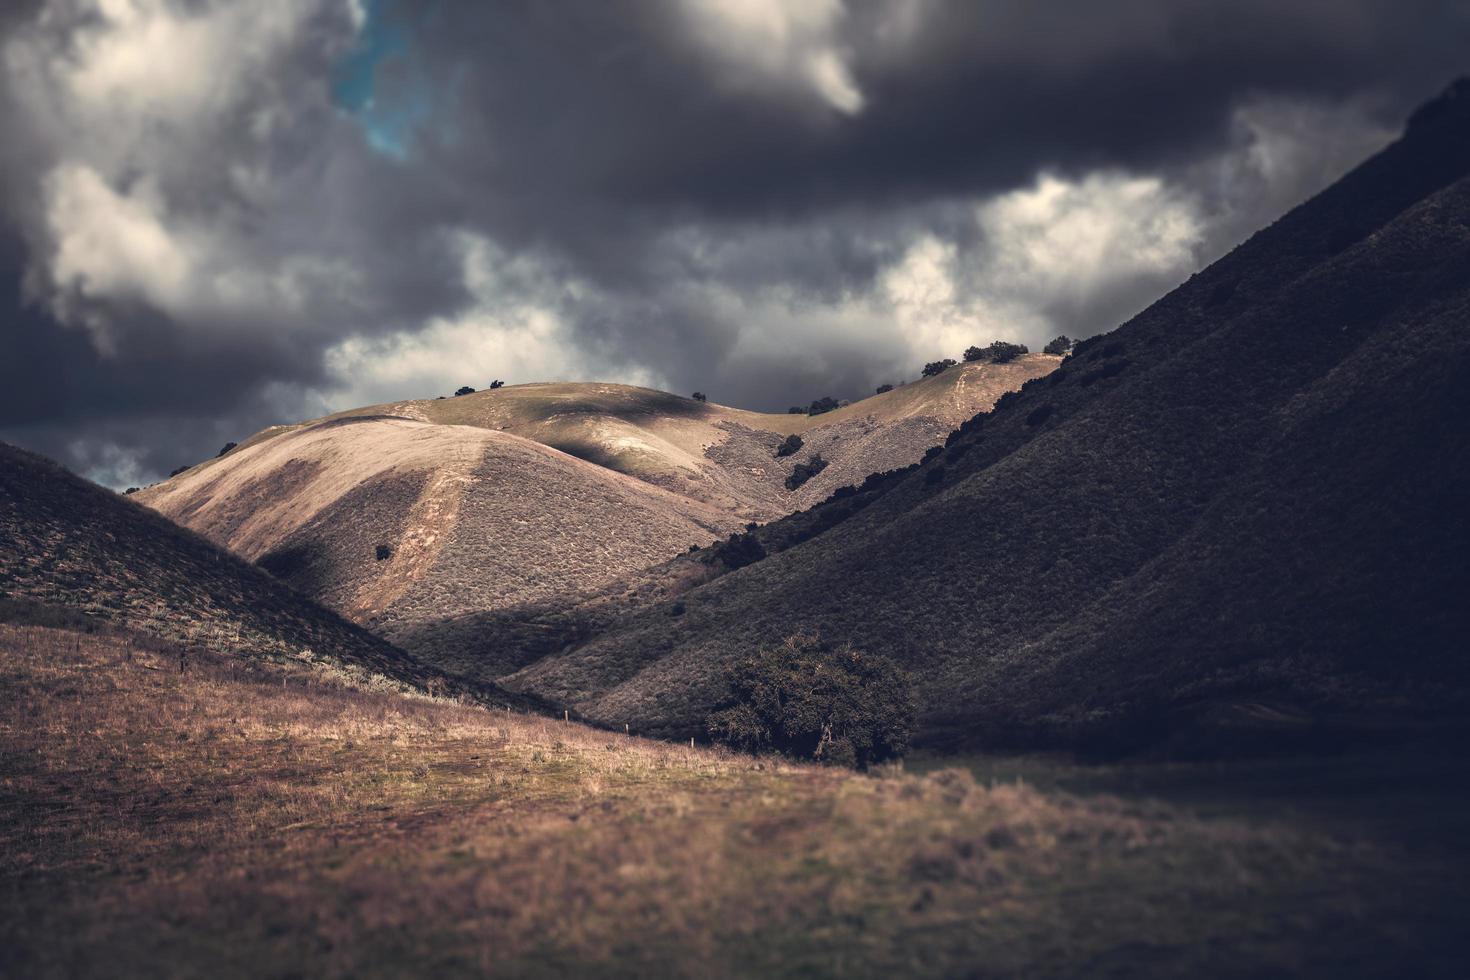 spostamento di inclinazione della montagna sotto le nuvole drammatiche foto